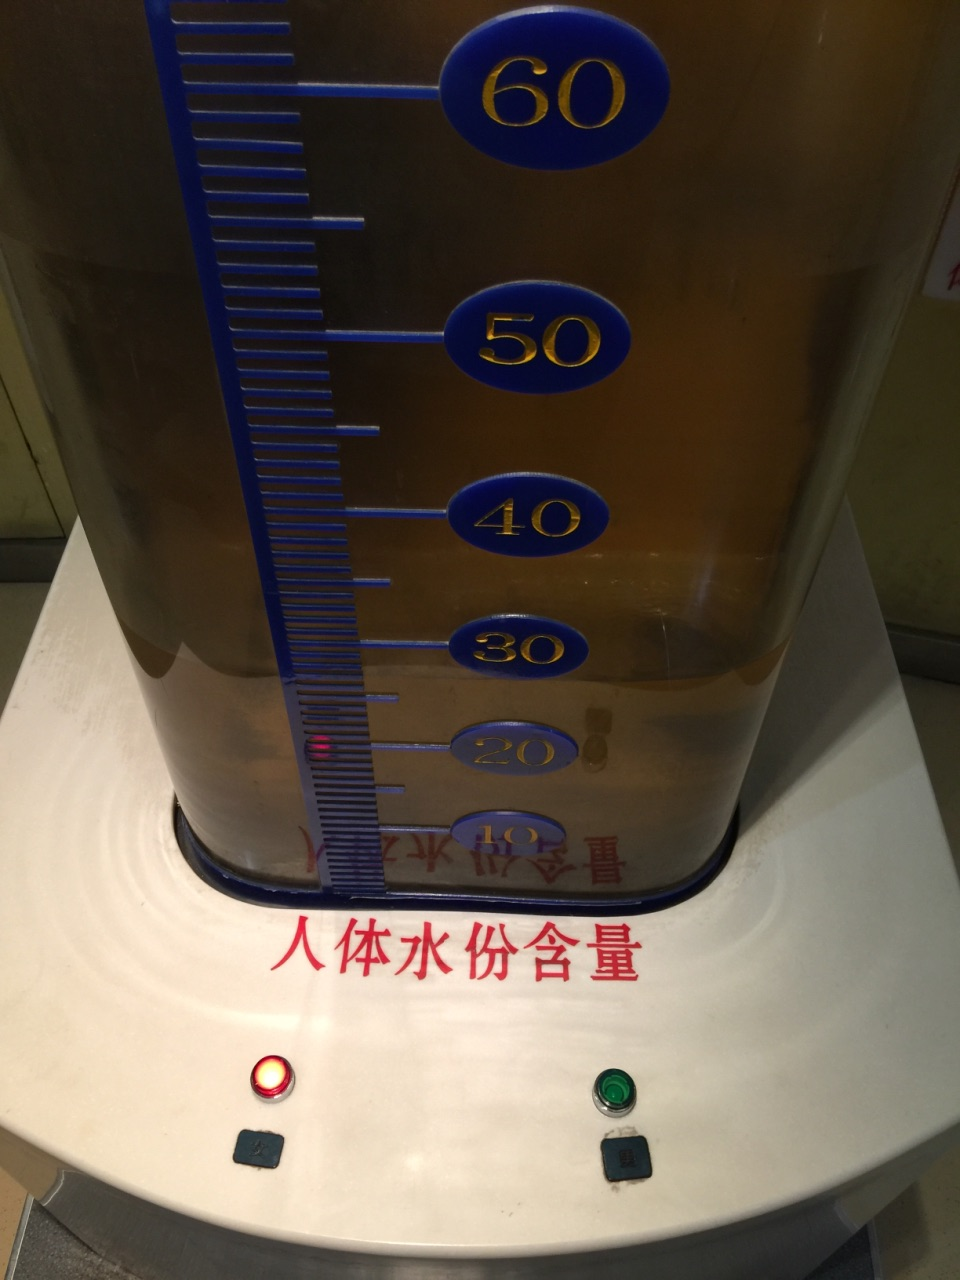 重庆科技馆门票团_重庆科技馆